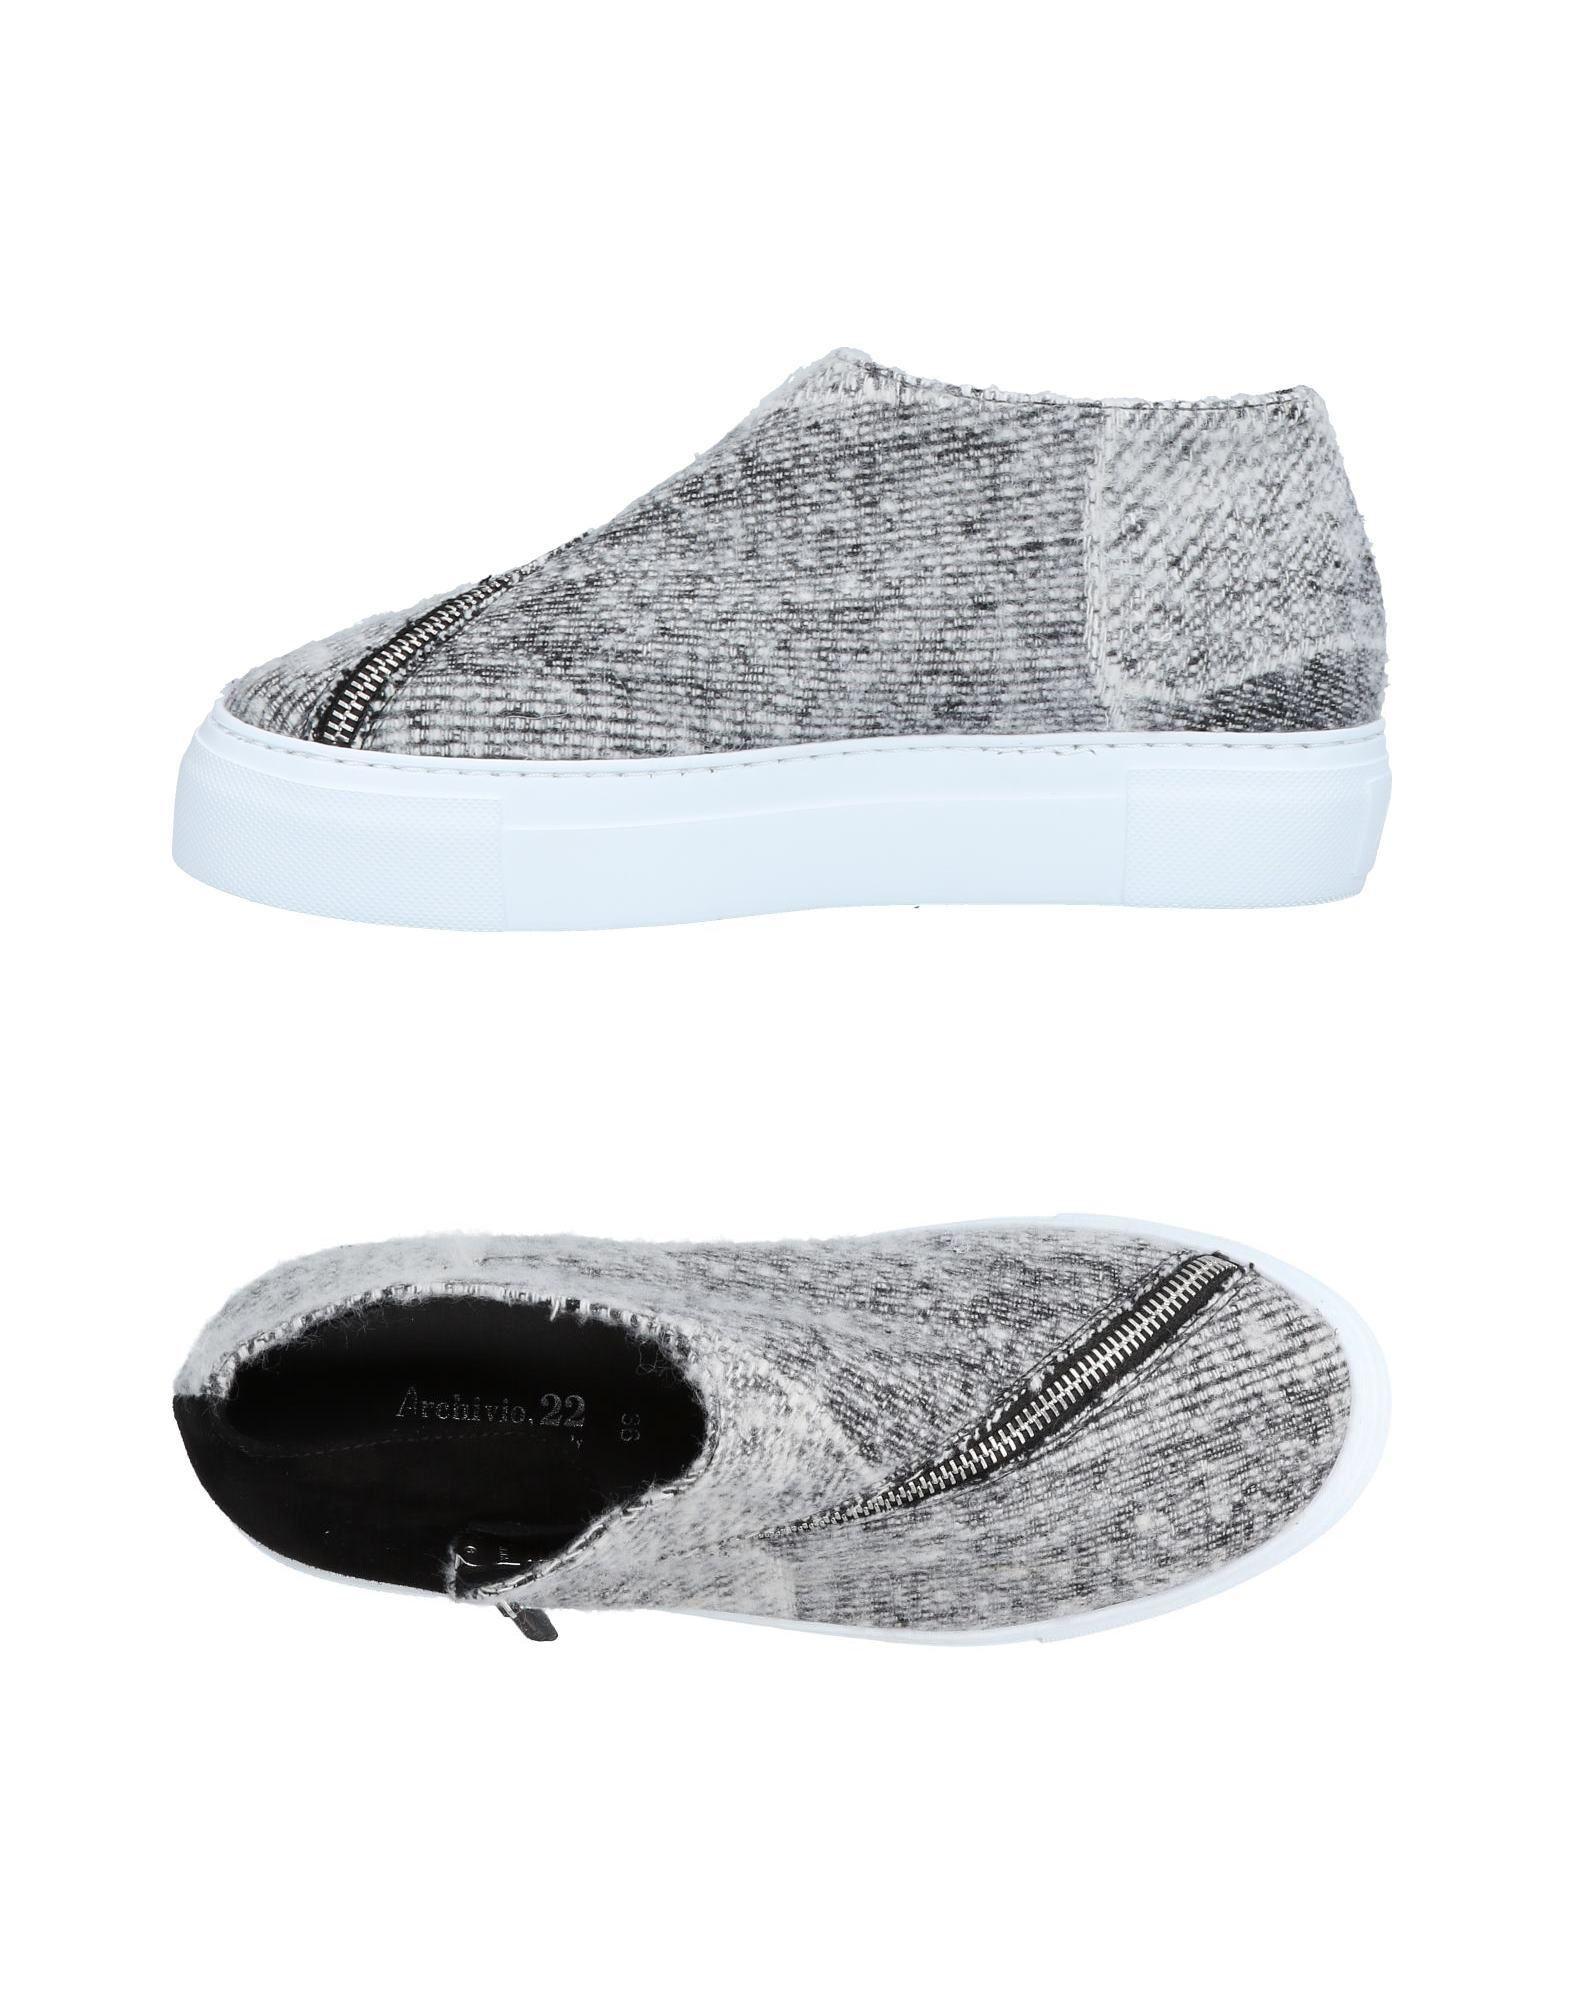 Archivio,22 Sneakers Damen  11462179PW Gute Qualität beliebte Schuhe